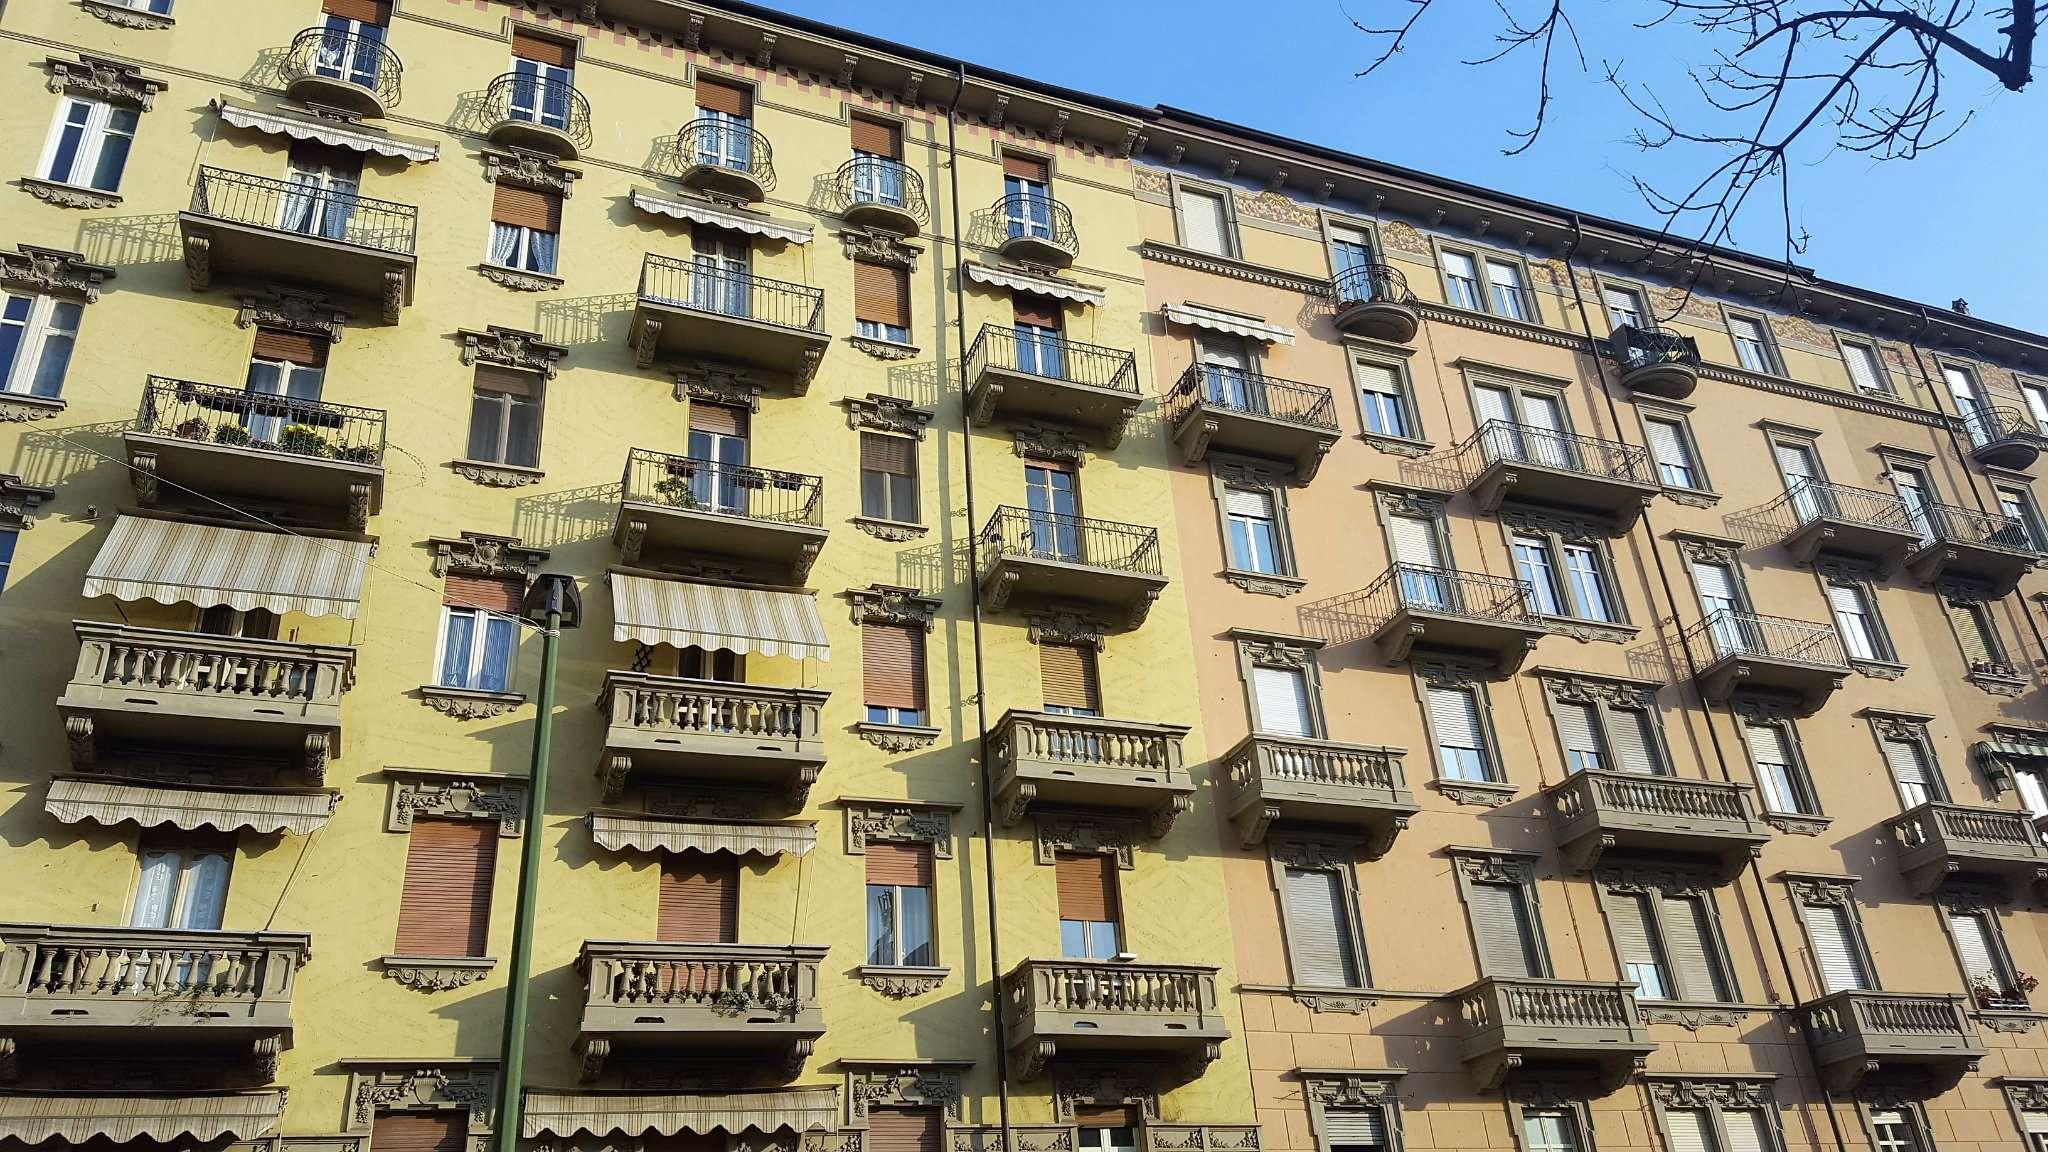 Appartamento in vendita Zona Cit Turin, San Donato, Campidoglio - via principessa clotilde 46 Torino